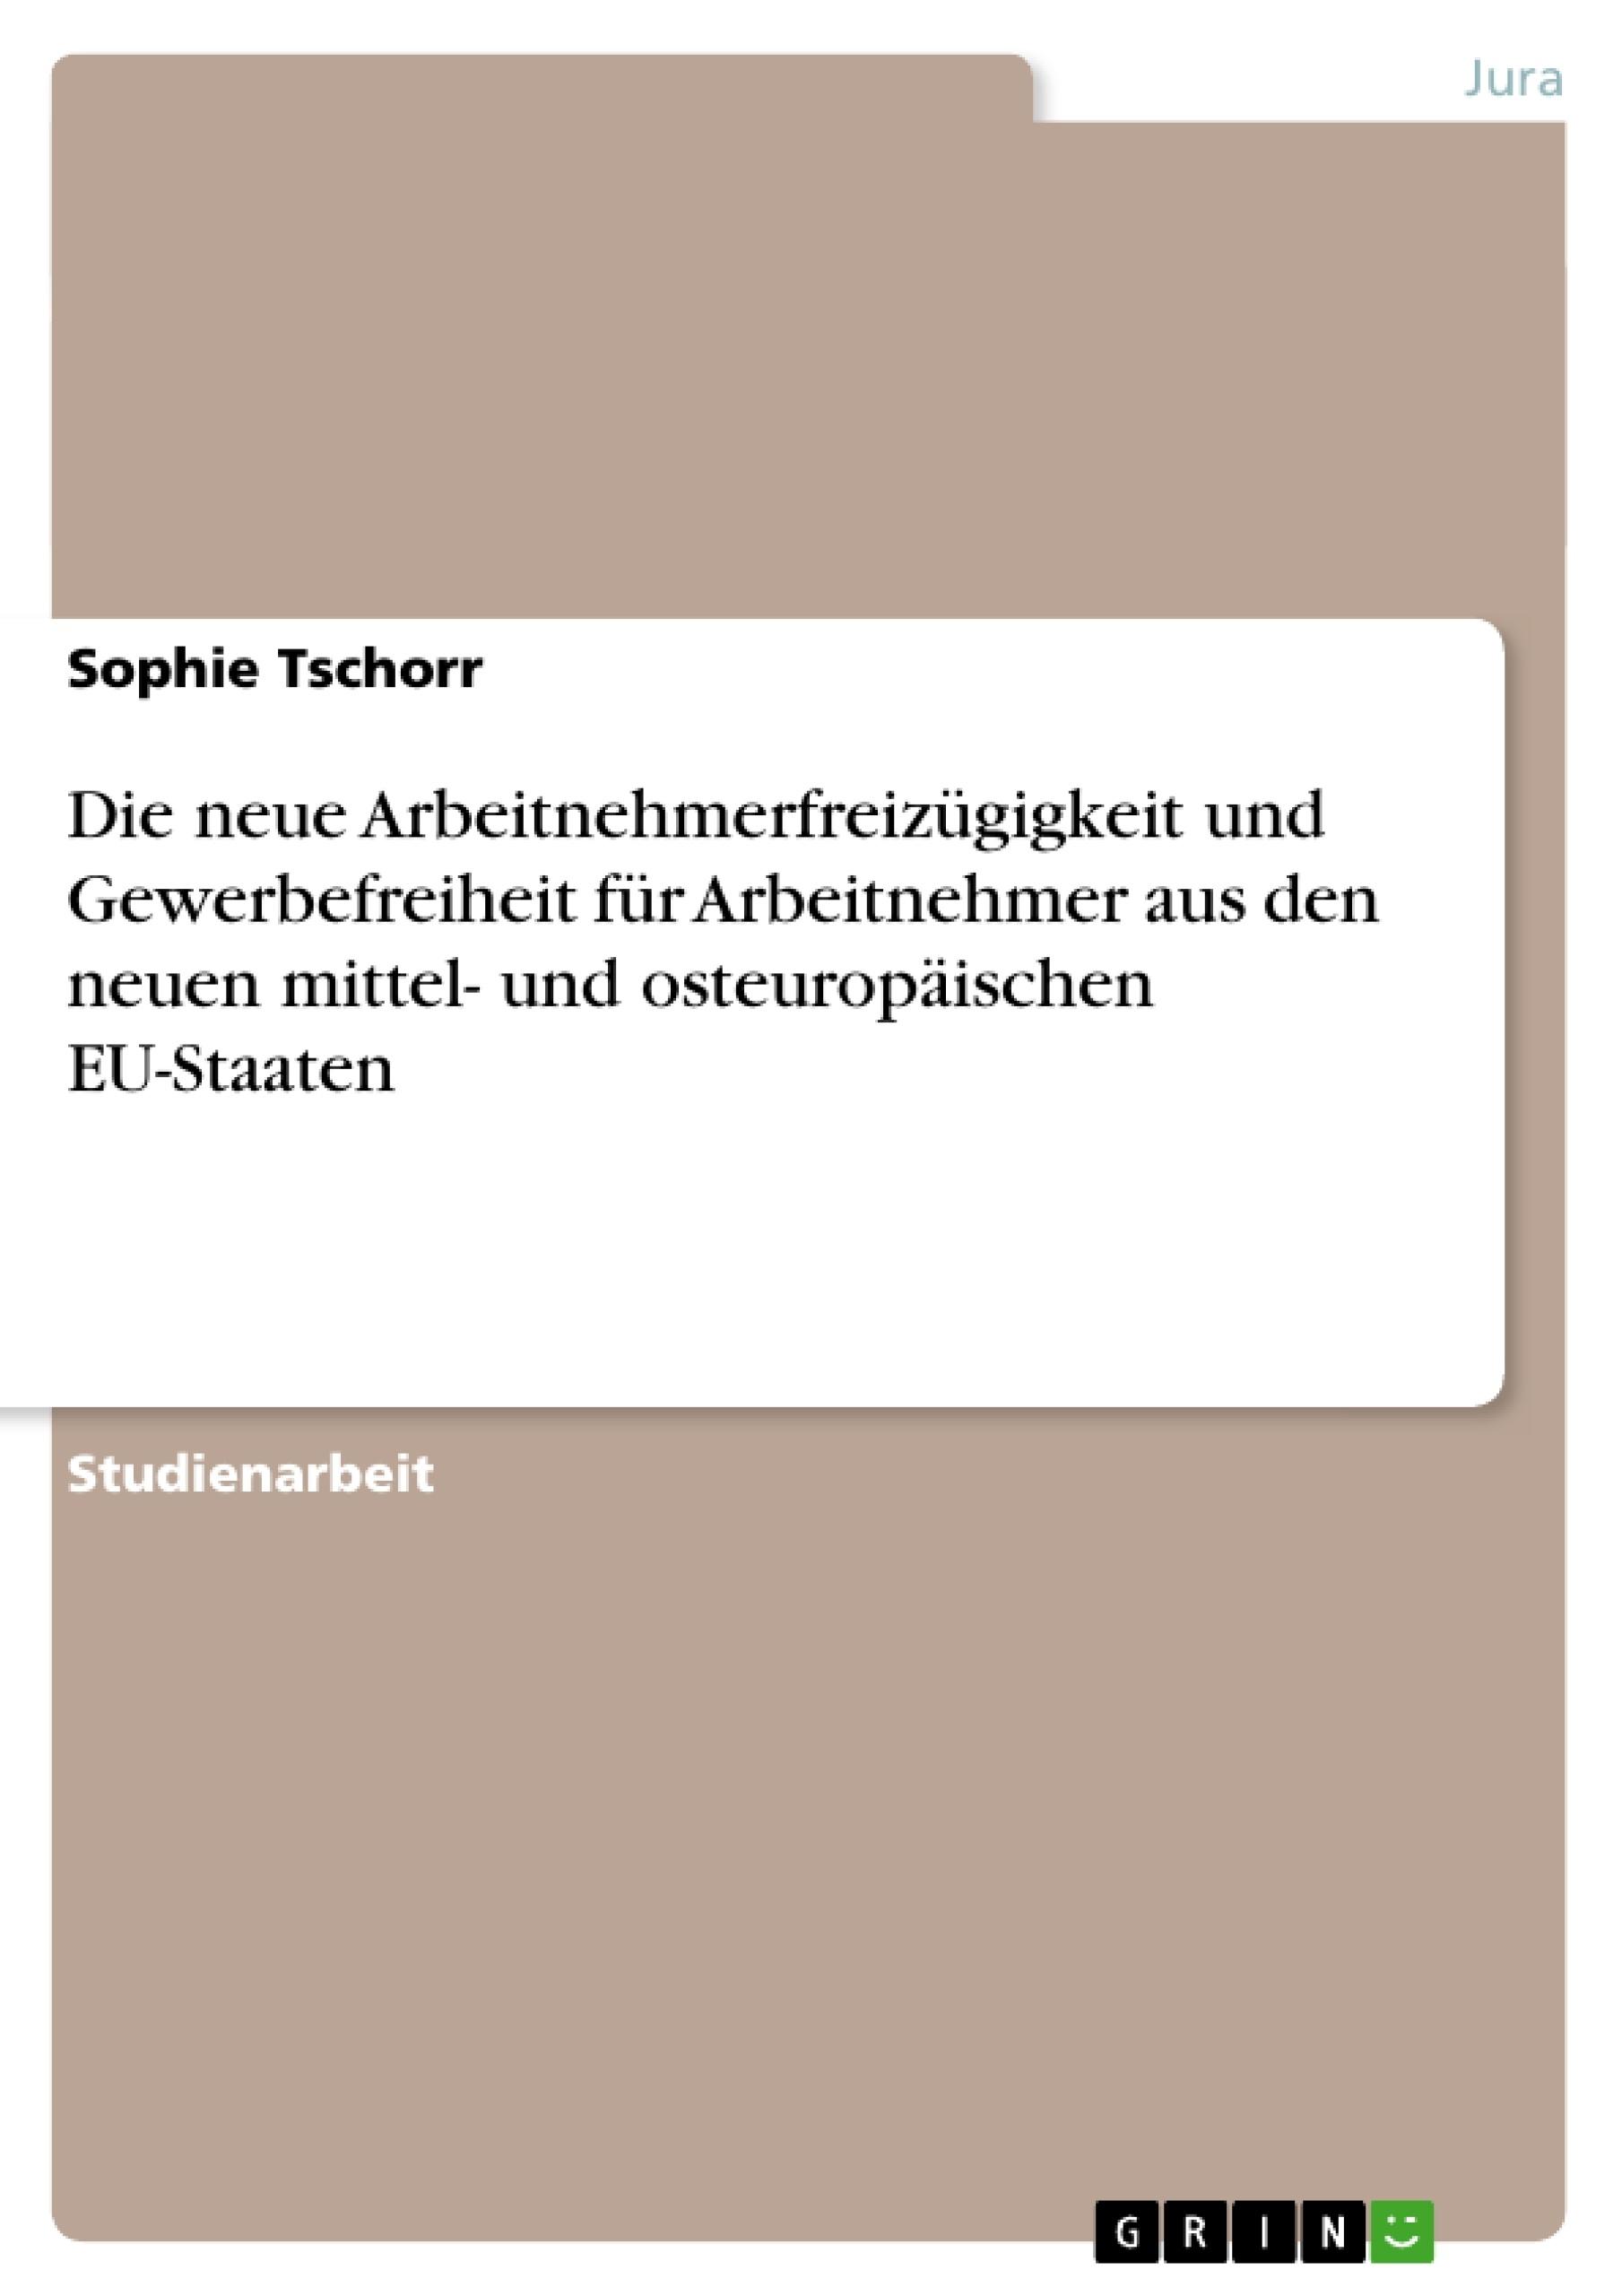 Titel: Die neue Arbeitnehmerfreizügigkeit und Gewerbefreiheit für Arbeitnehmer aus den neuen mittel- und osteuropäischen EU-Staaten